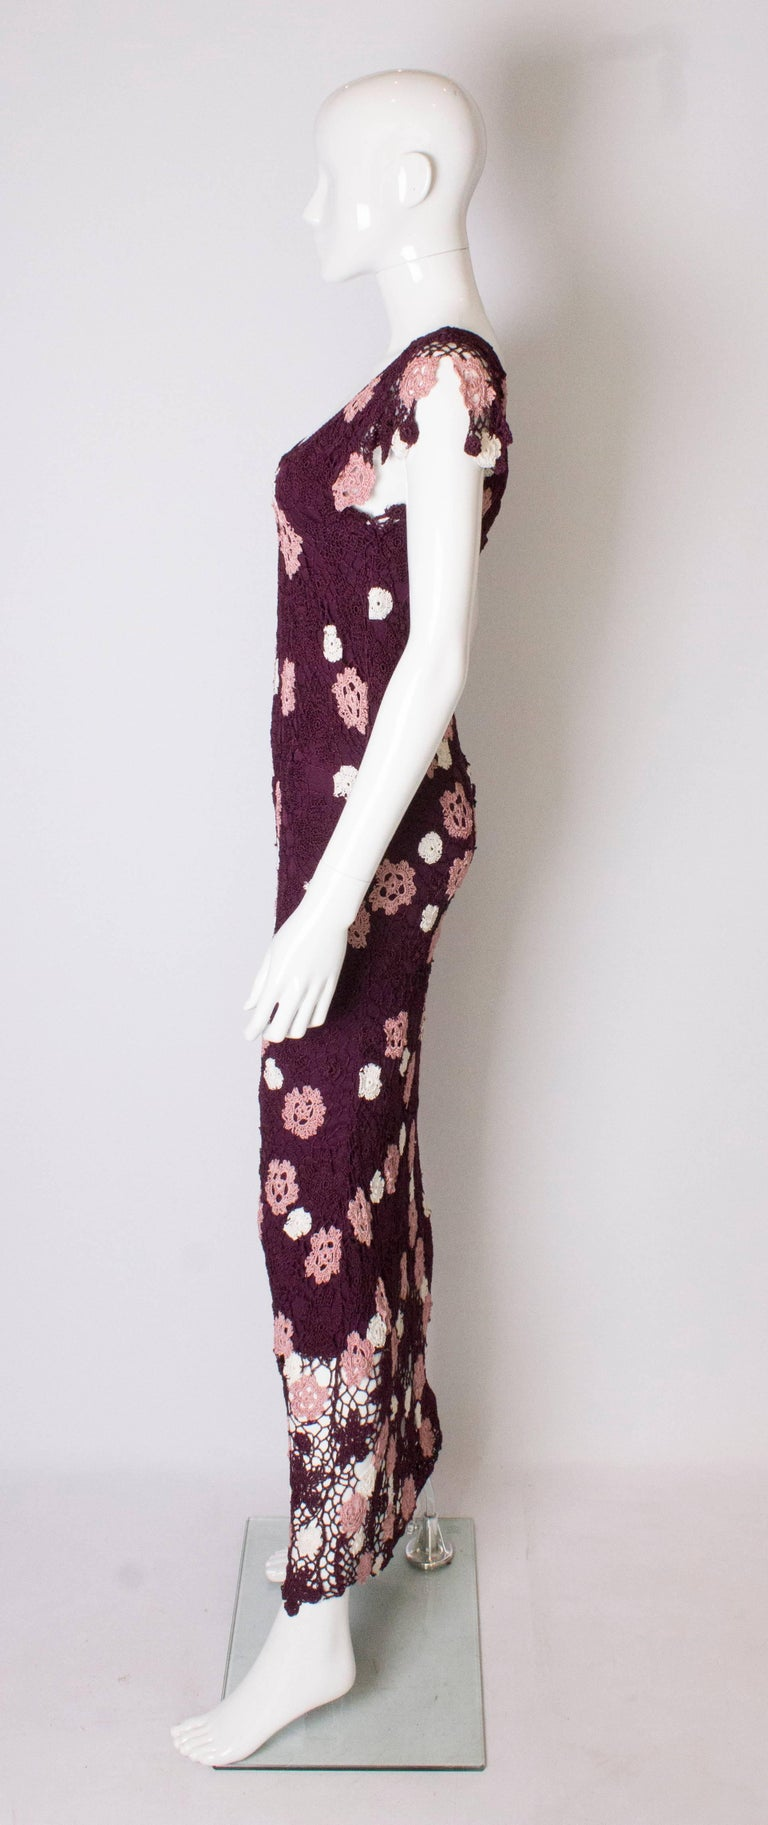 Women's Vintage Bias Cut Crochet Dress For Sale